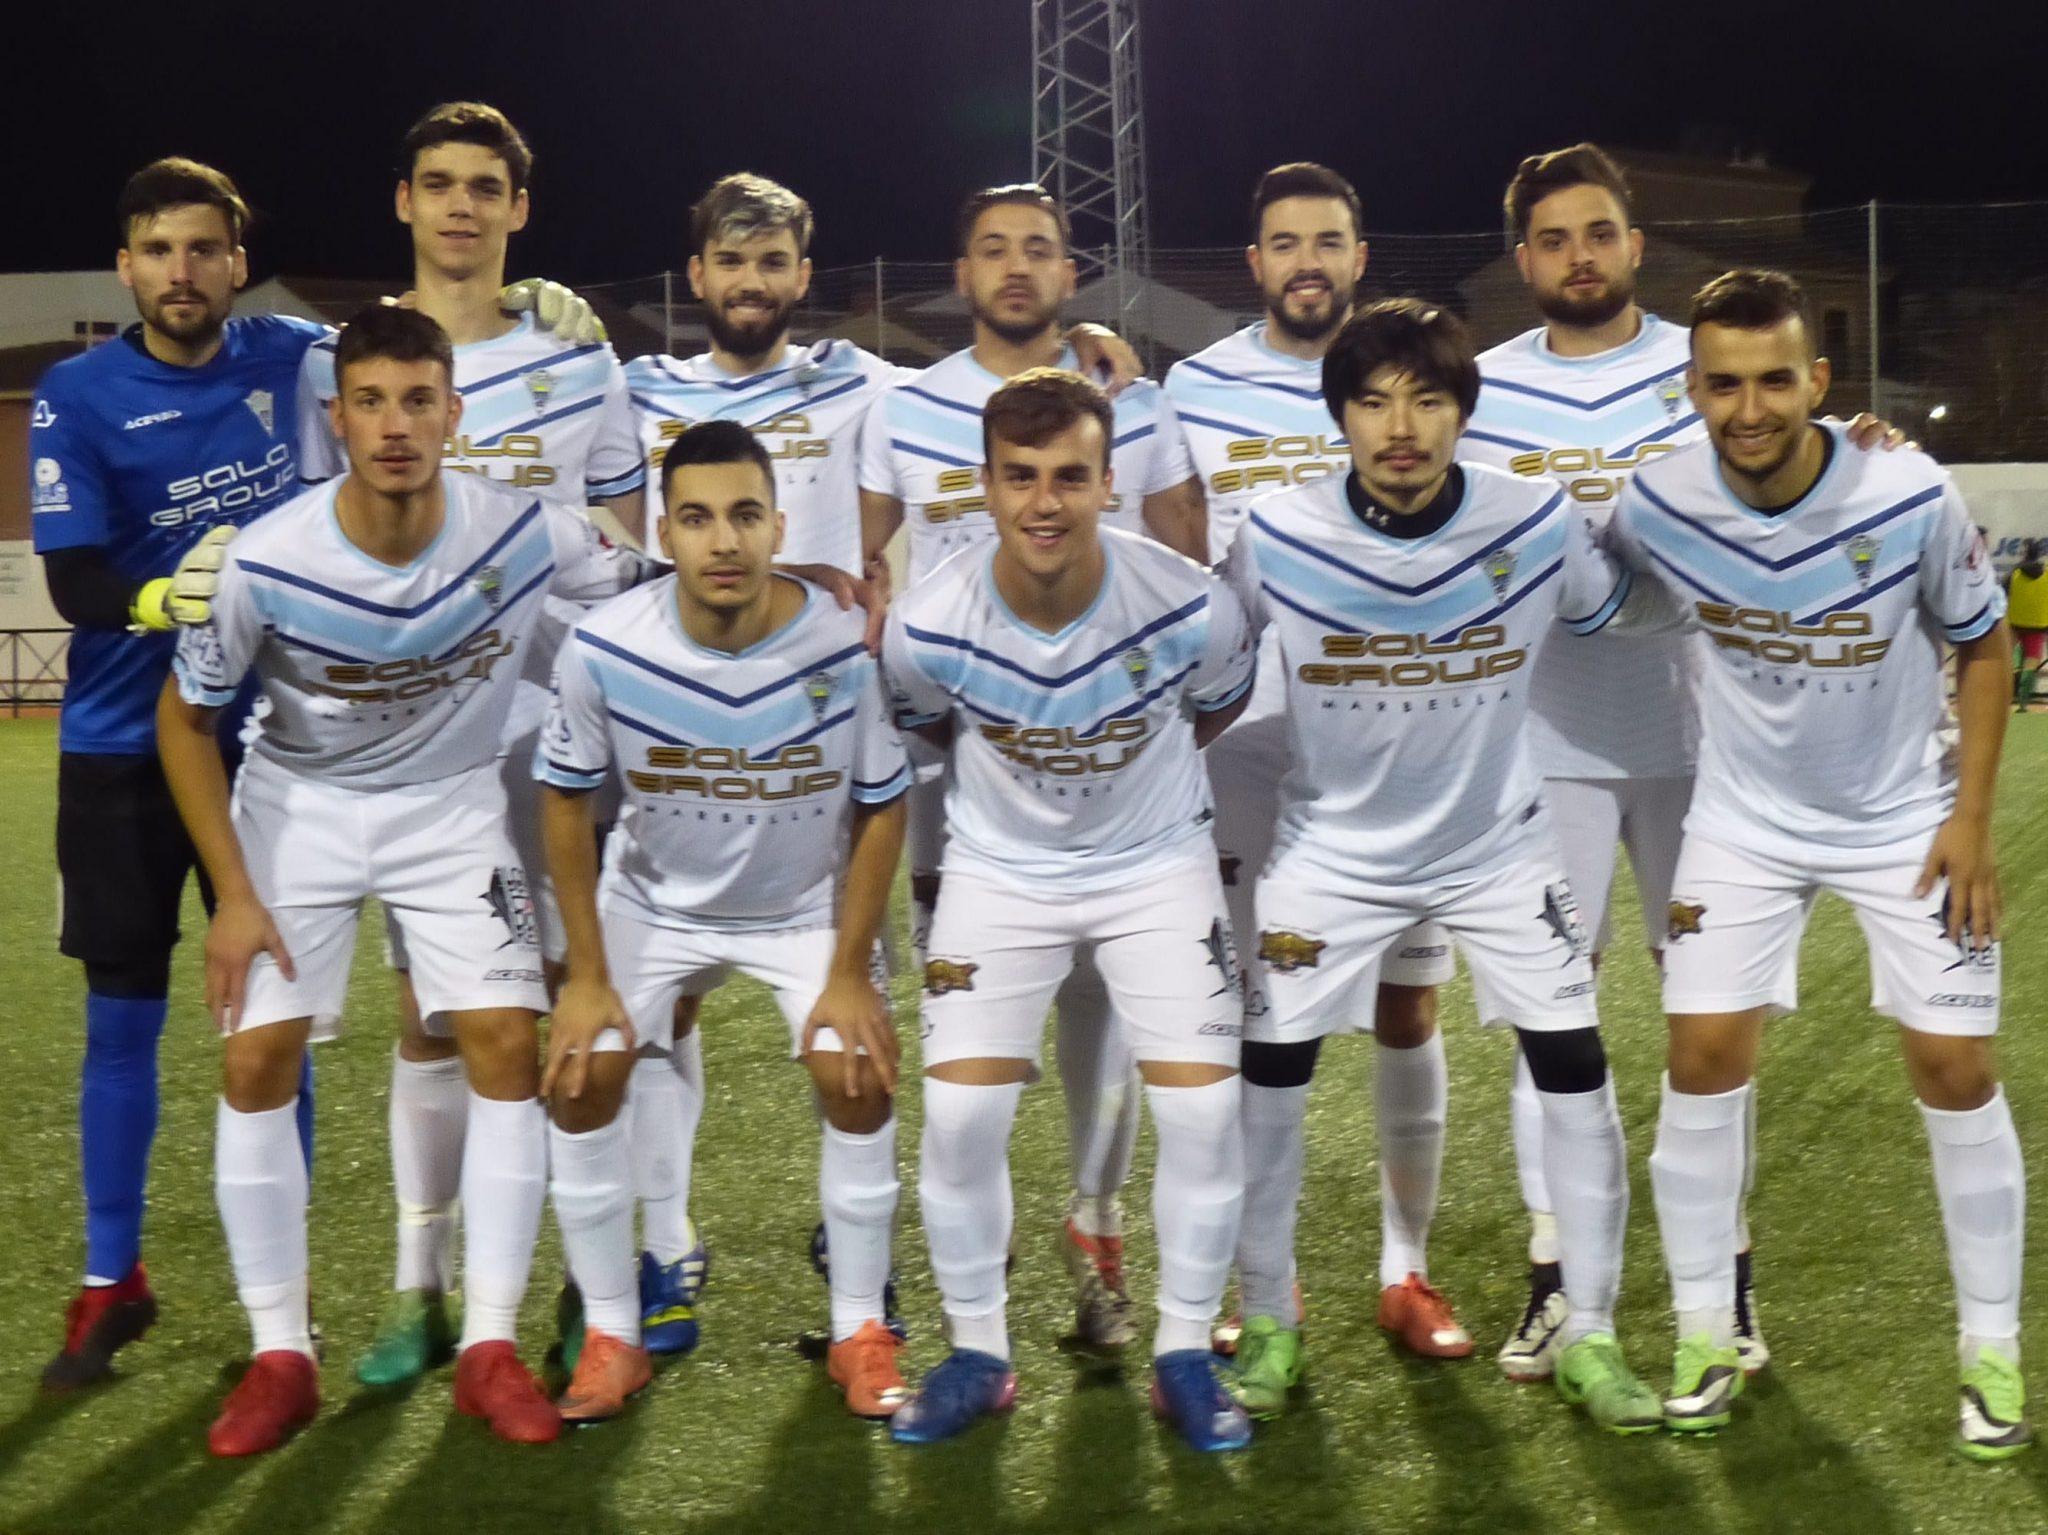 Empate del Atlético Marbella frente al Trabuco para despedir el año (1-1)